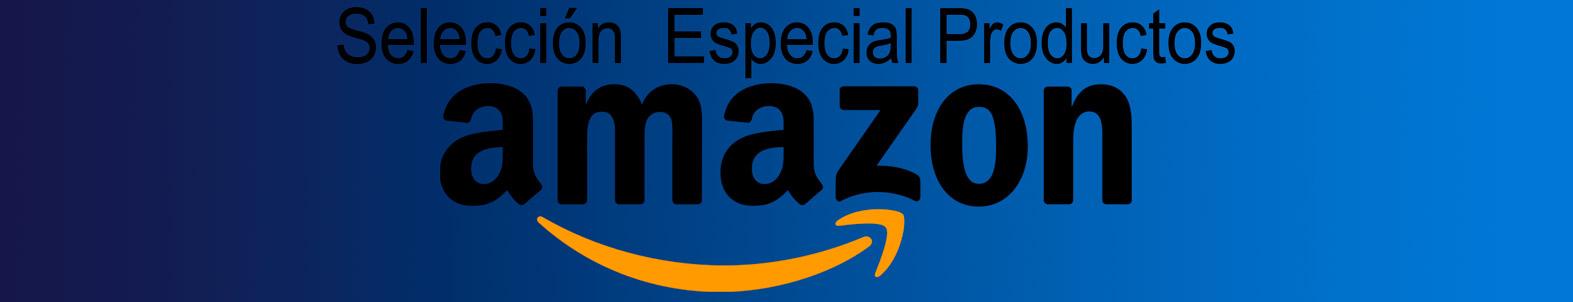 Selección Especial de Productos Amazon